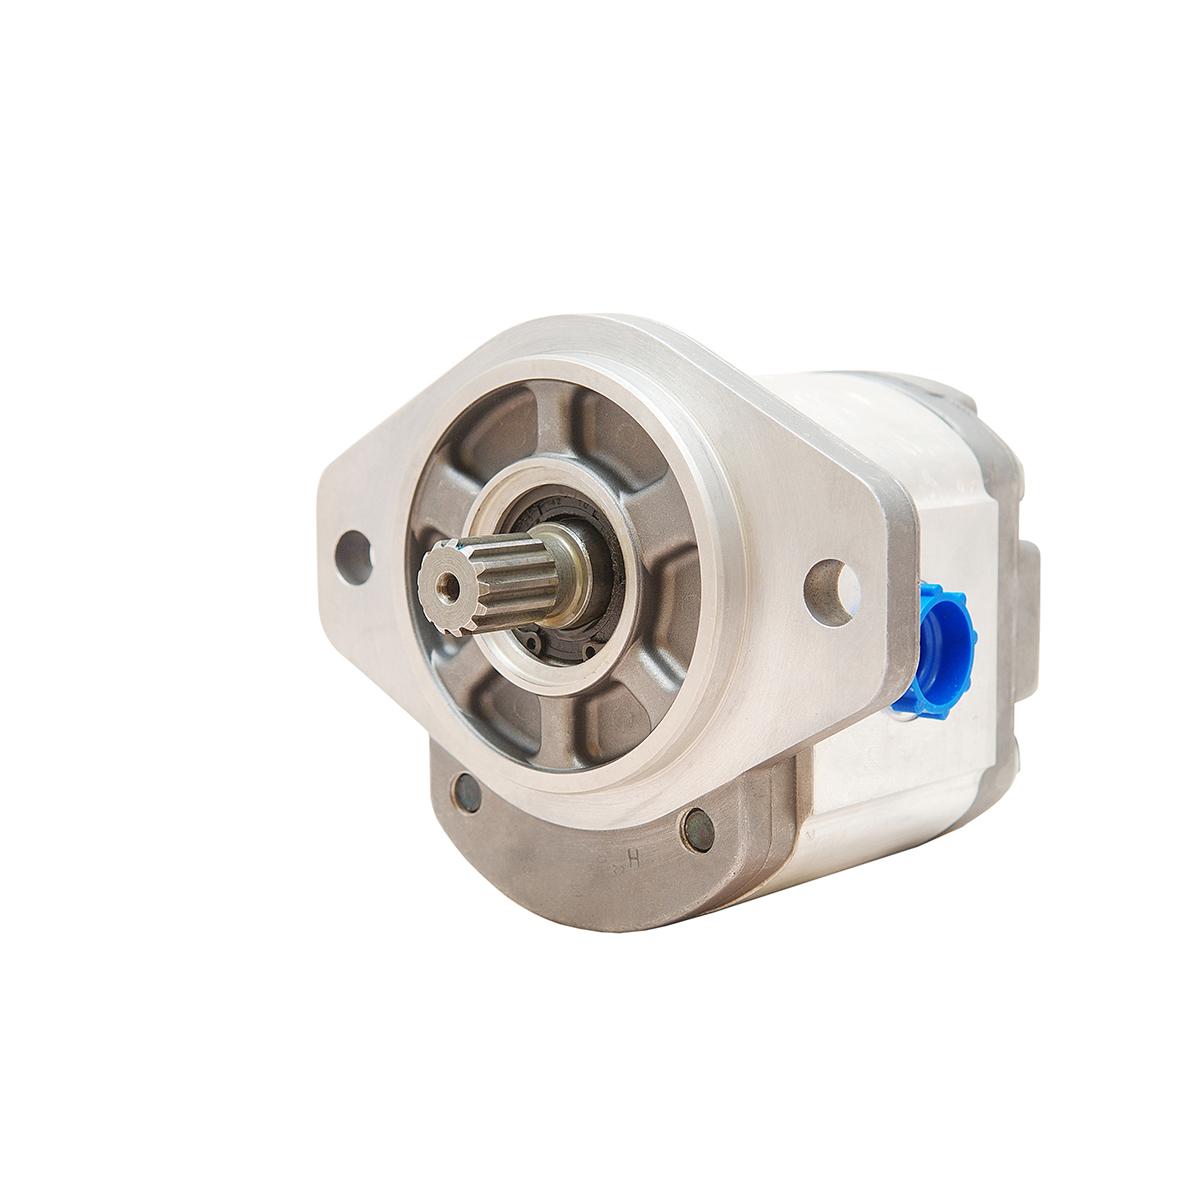 1.16 CID hydraulic gear pump, 13 tooth spline shaft clockwise gear pump | Magister Hydraulics